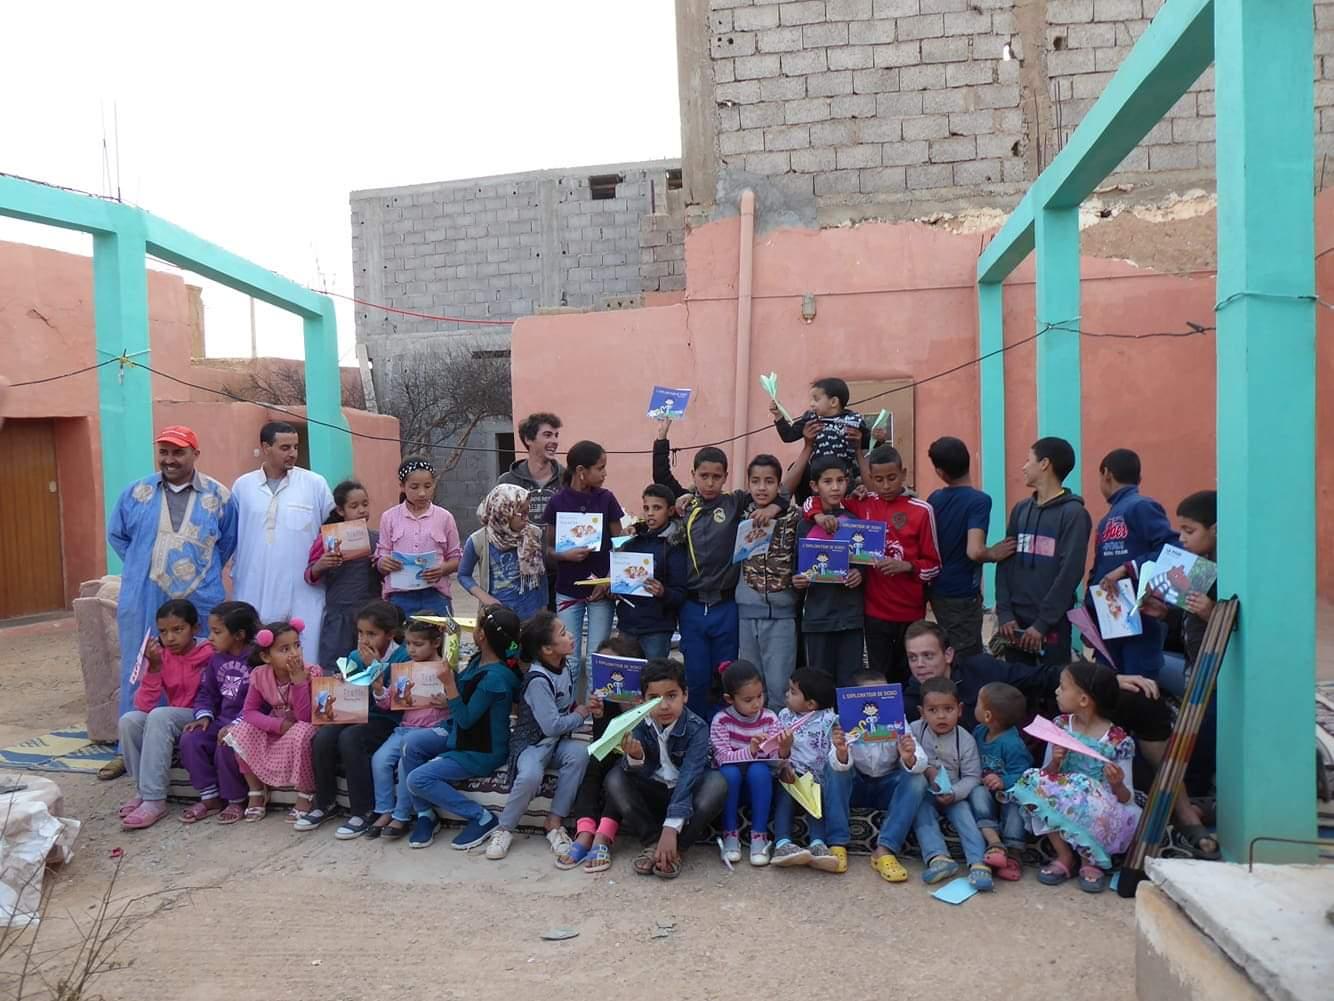 Les livres de L'avion de papier éditions dans une école au Maroc.